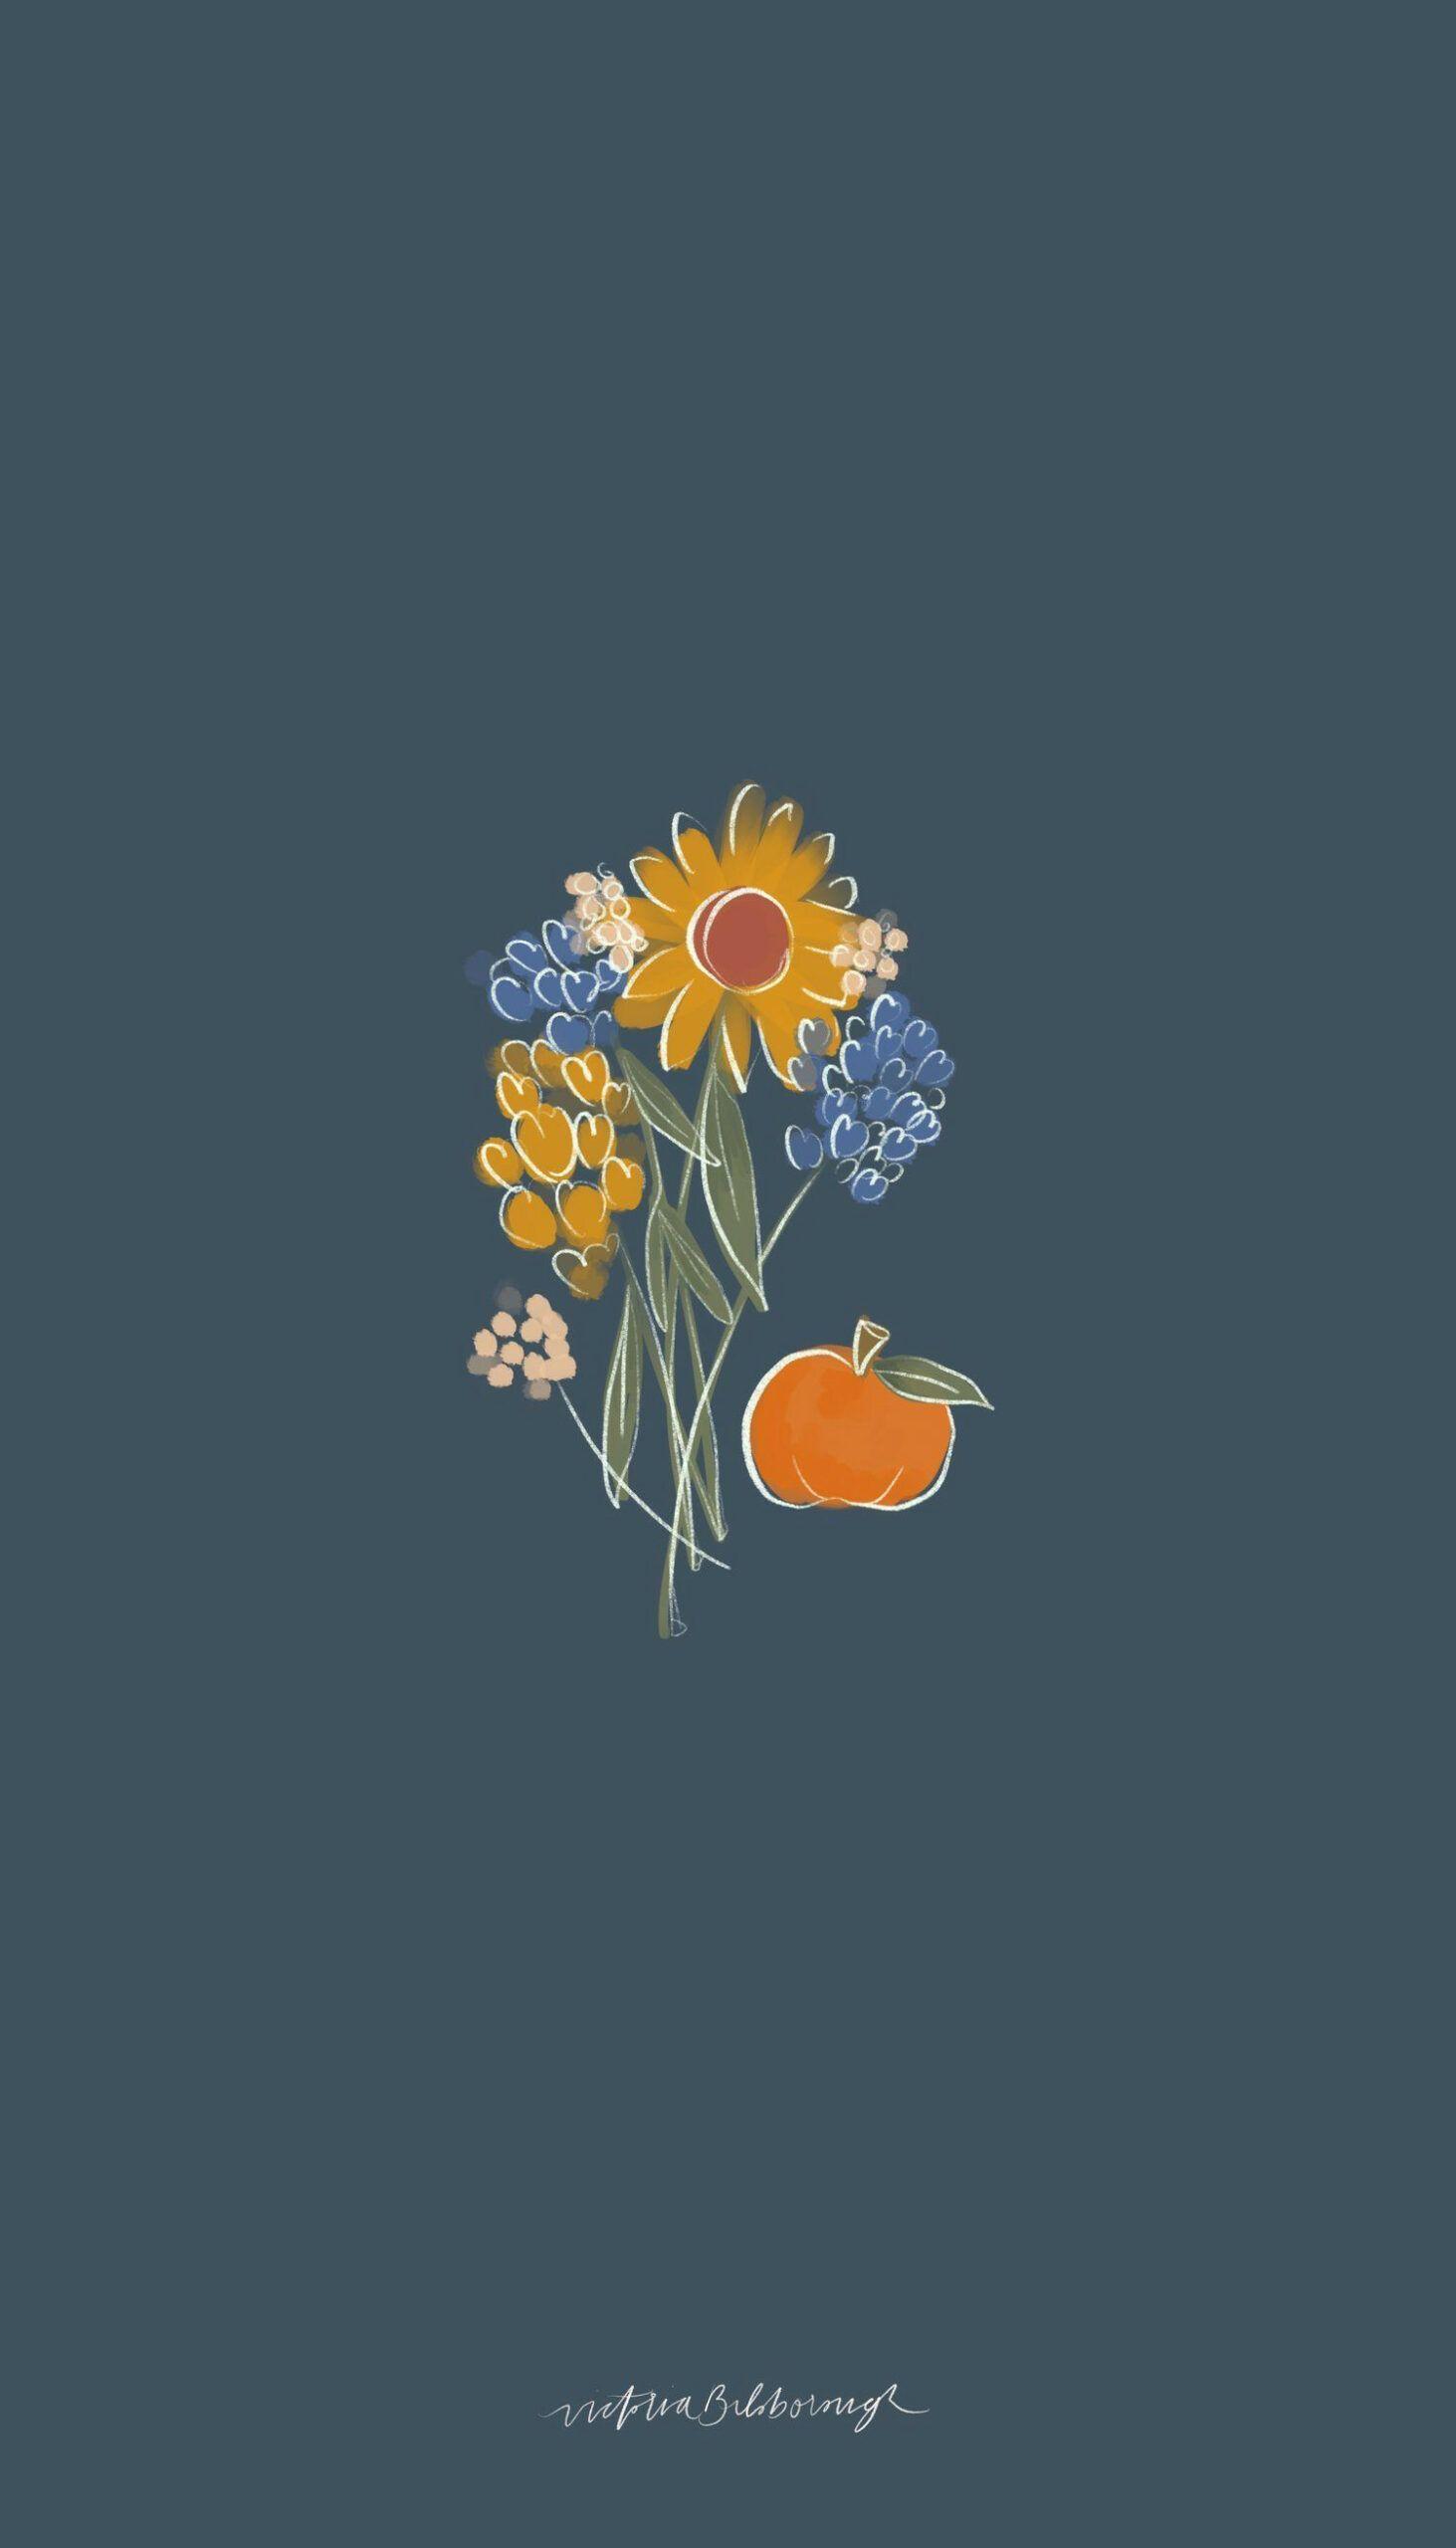 Wallpaper Iphone Cute Hd 534 Fallwallpaperiphone Cute Fall Wallpaper Wallpaper Iphone Cute Fall Wallpaper